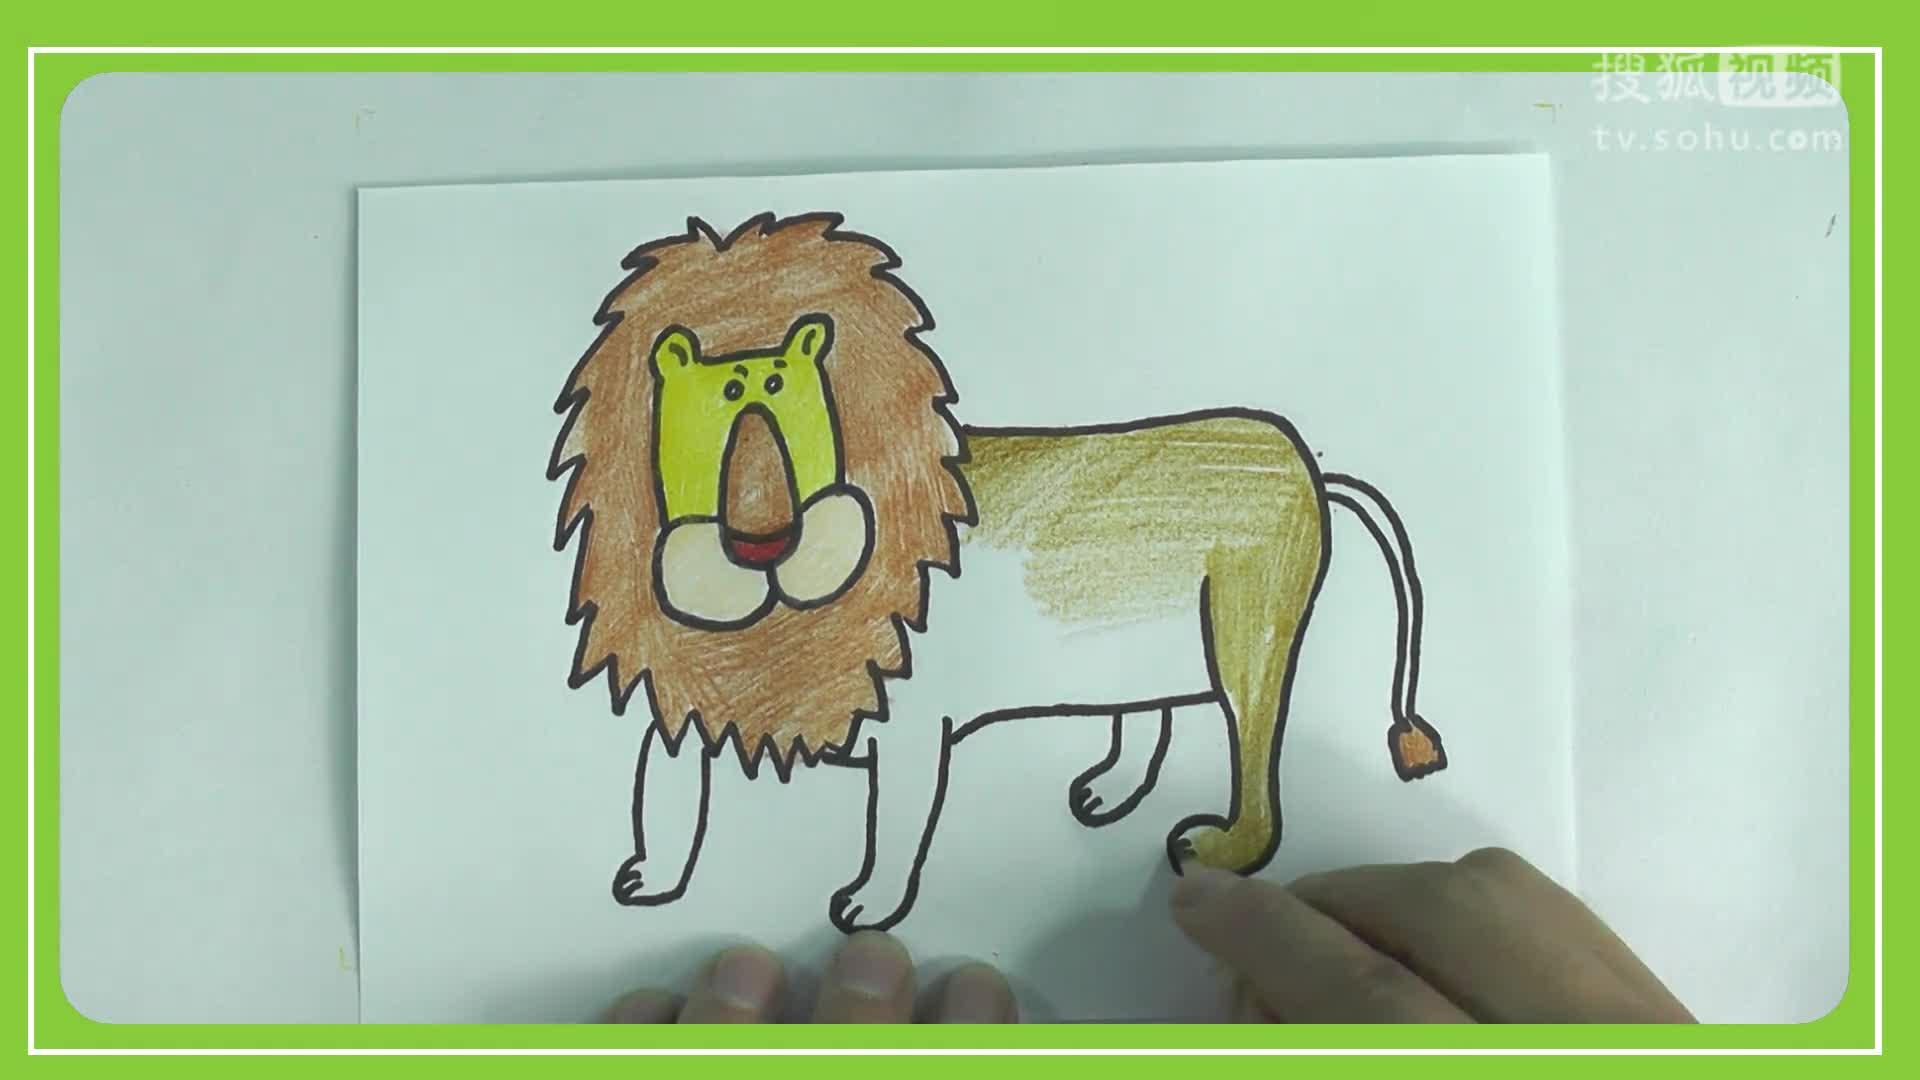 动物简笔画狮子 少儿简笔画大全亲子教育